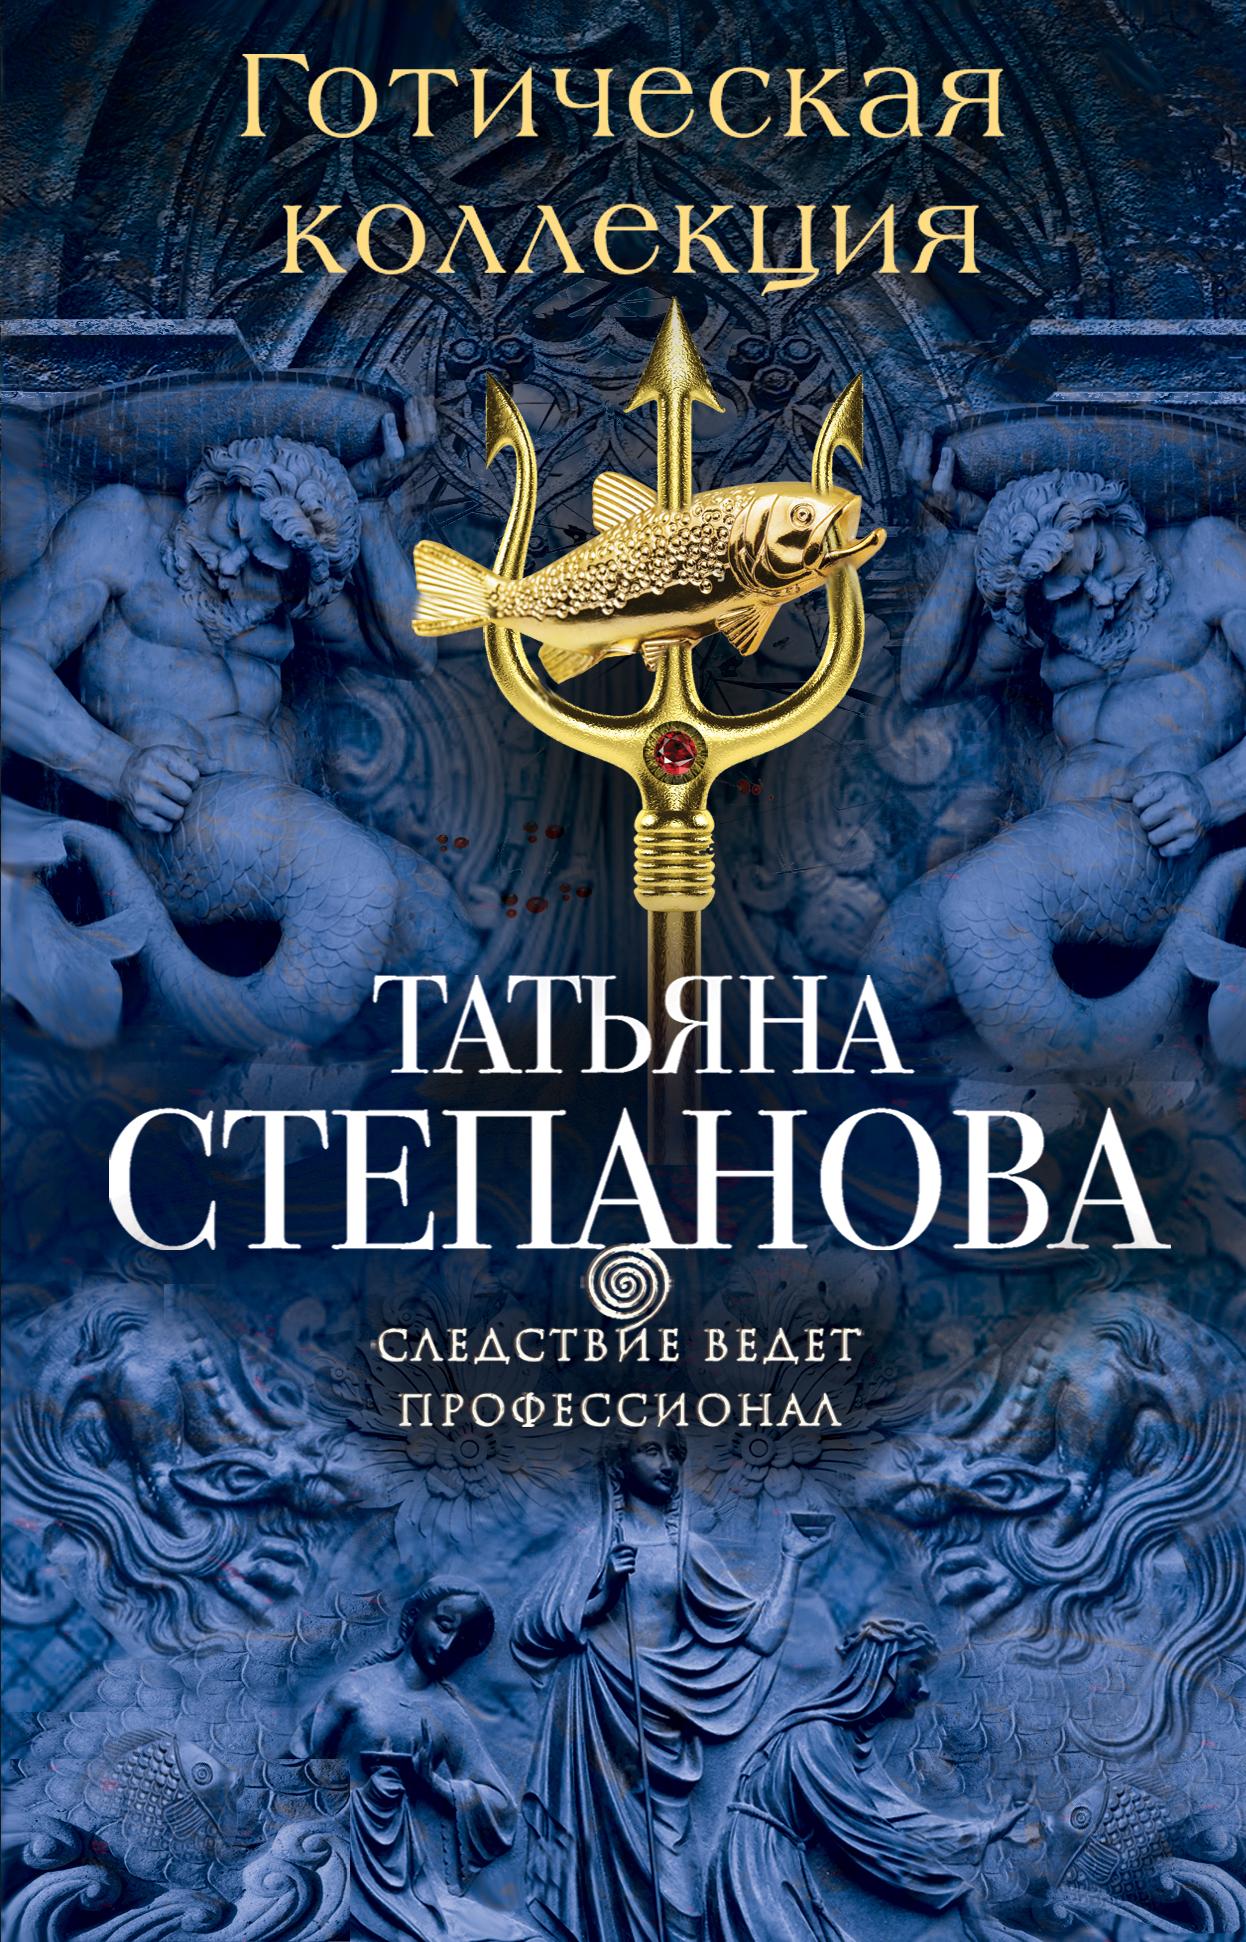 Степанова Т. Готическая коллекция